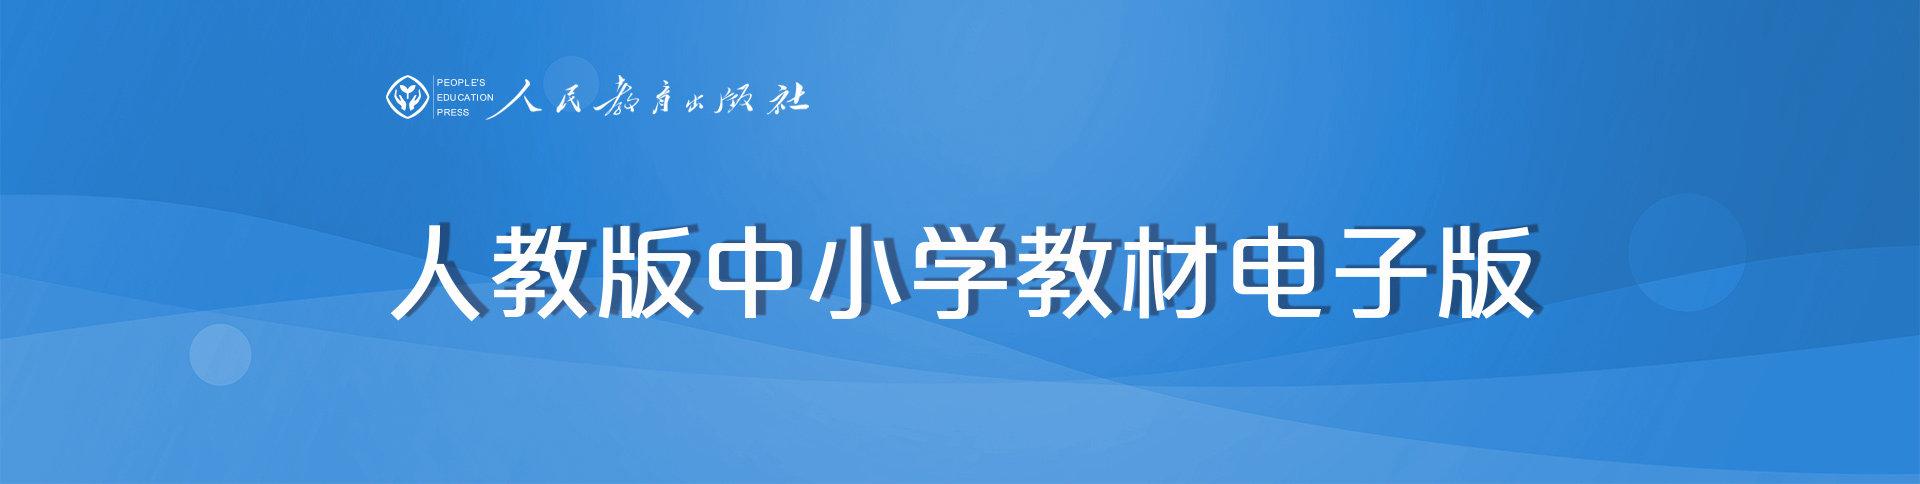 """020年春季教科书丨人教版高中、初中、小学电子课本全套"""""""